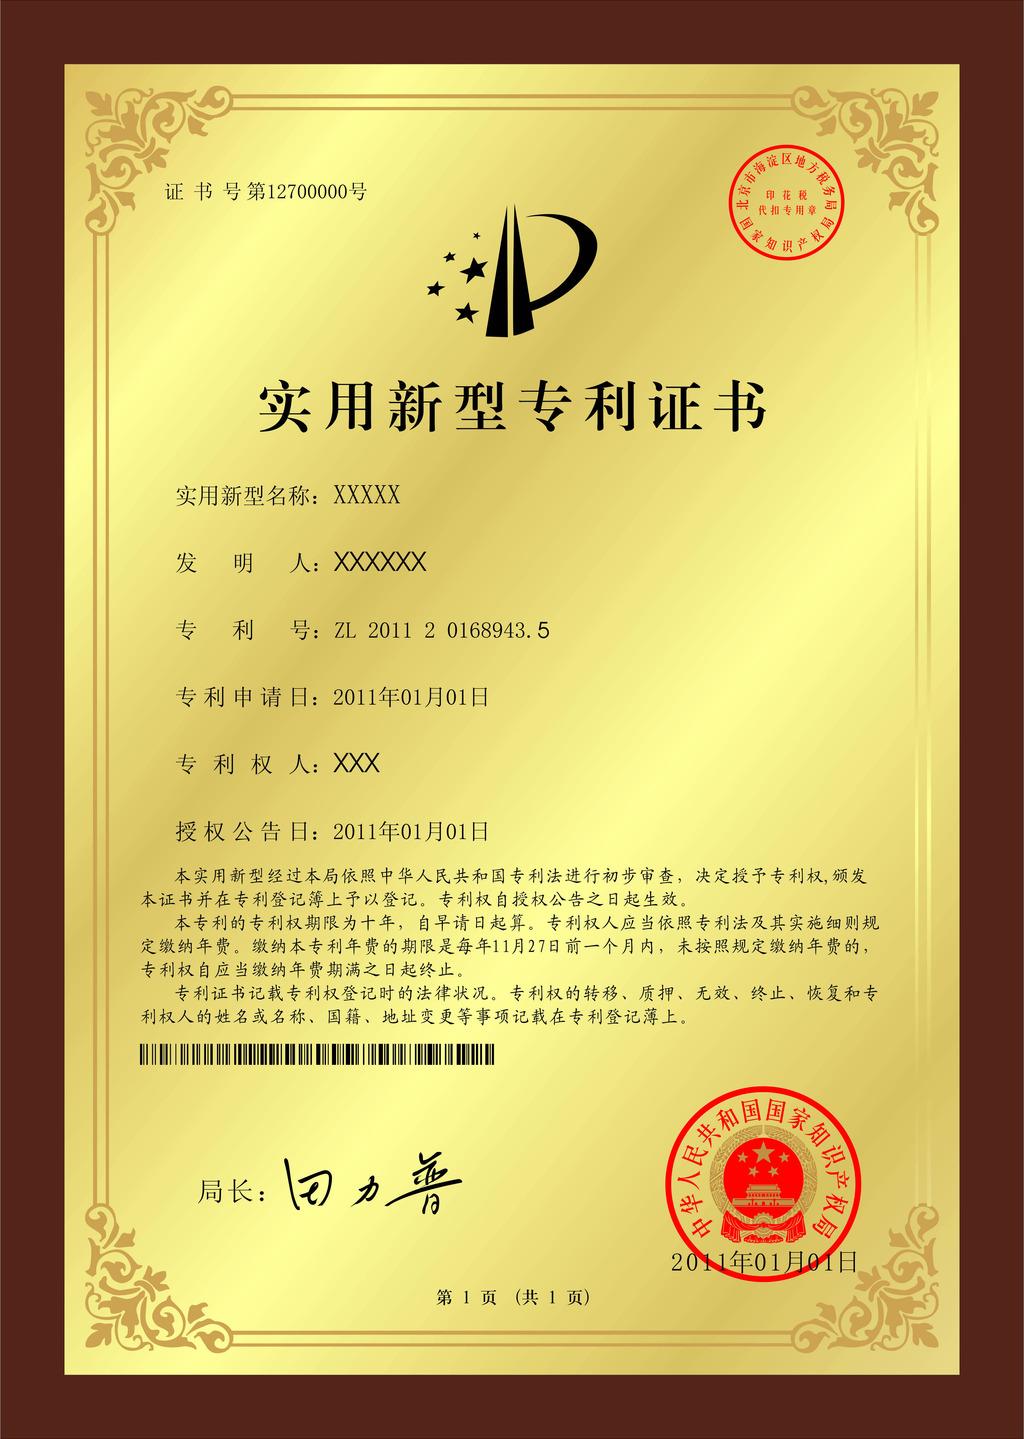 专利证书模版图片下载